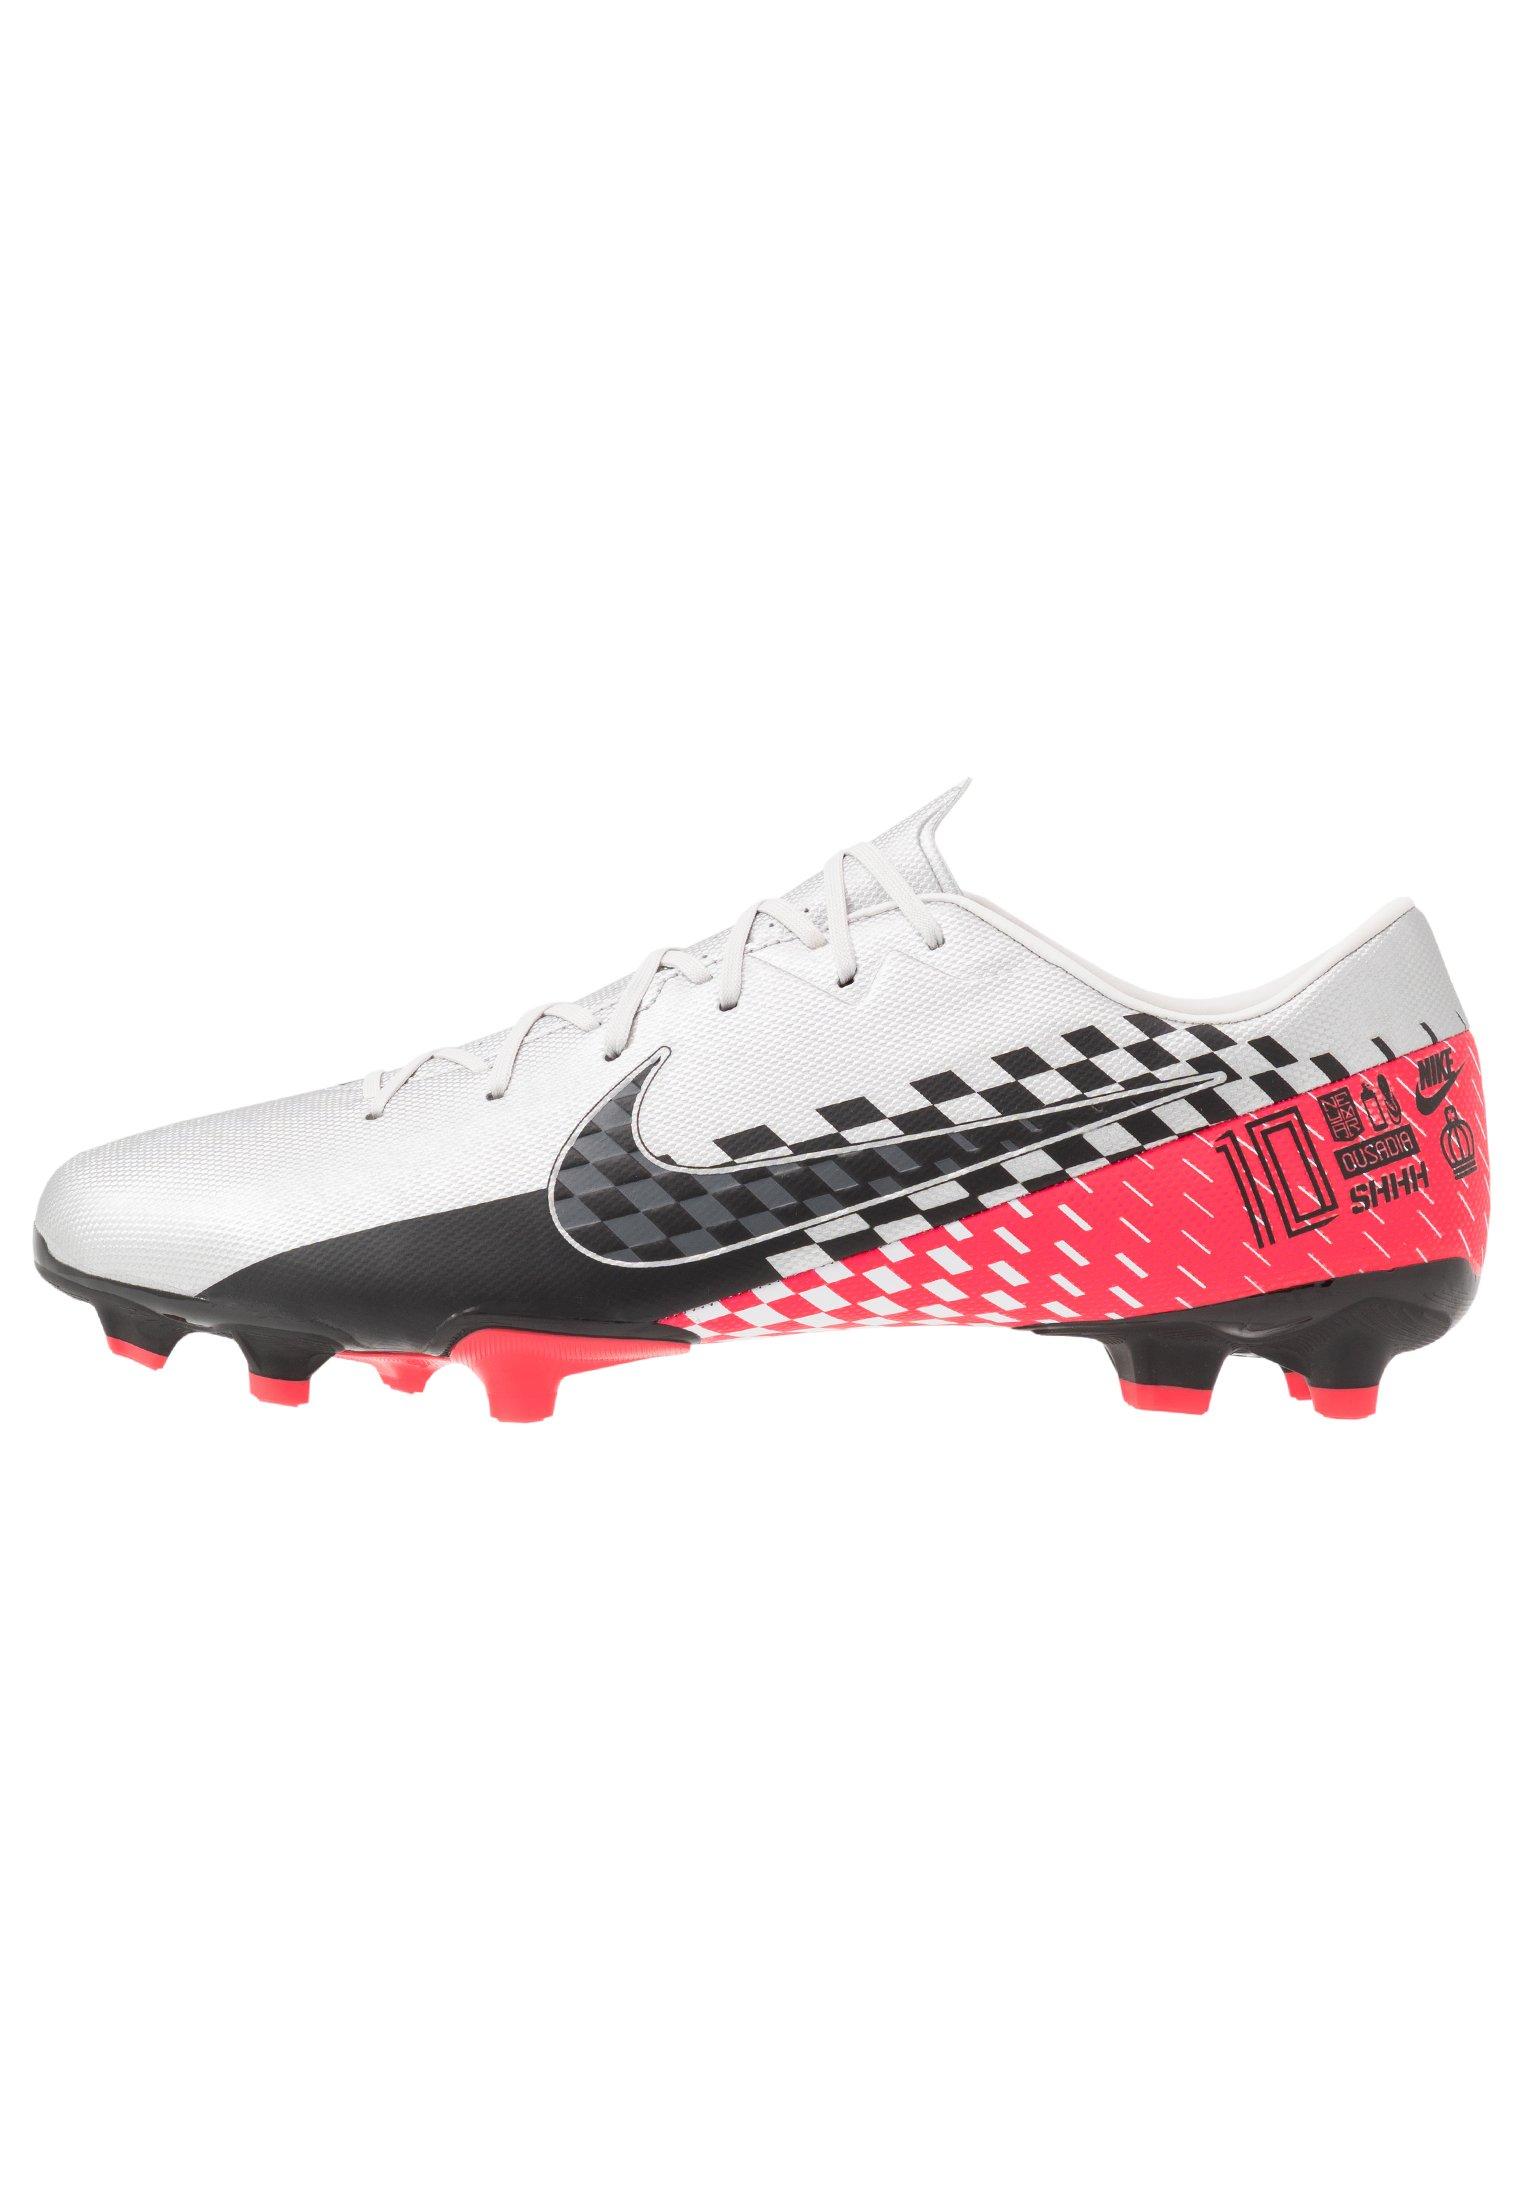 Voetbalschoenen voor heren Maat 47 online kopen | ZALANDO